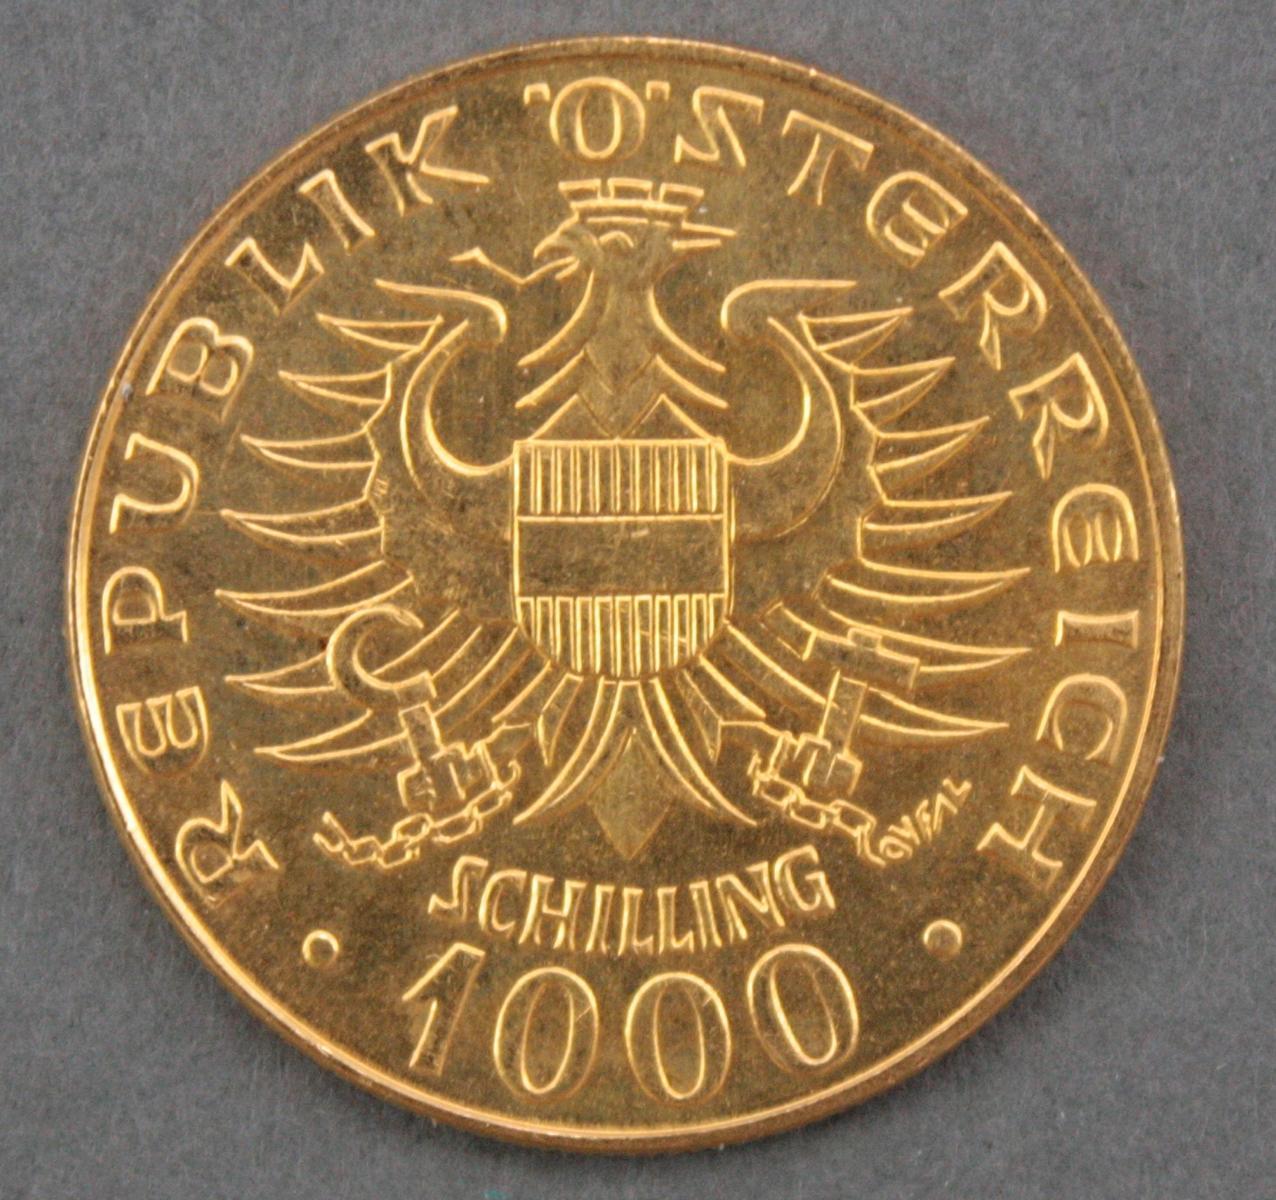 Österreich, 1000 Schilling, 12,5 g Feingold-2